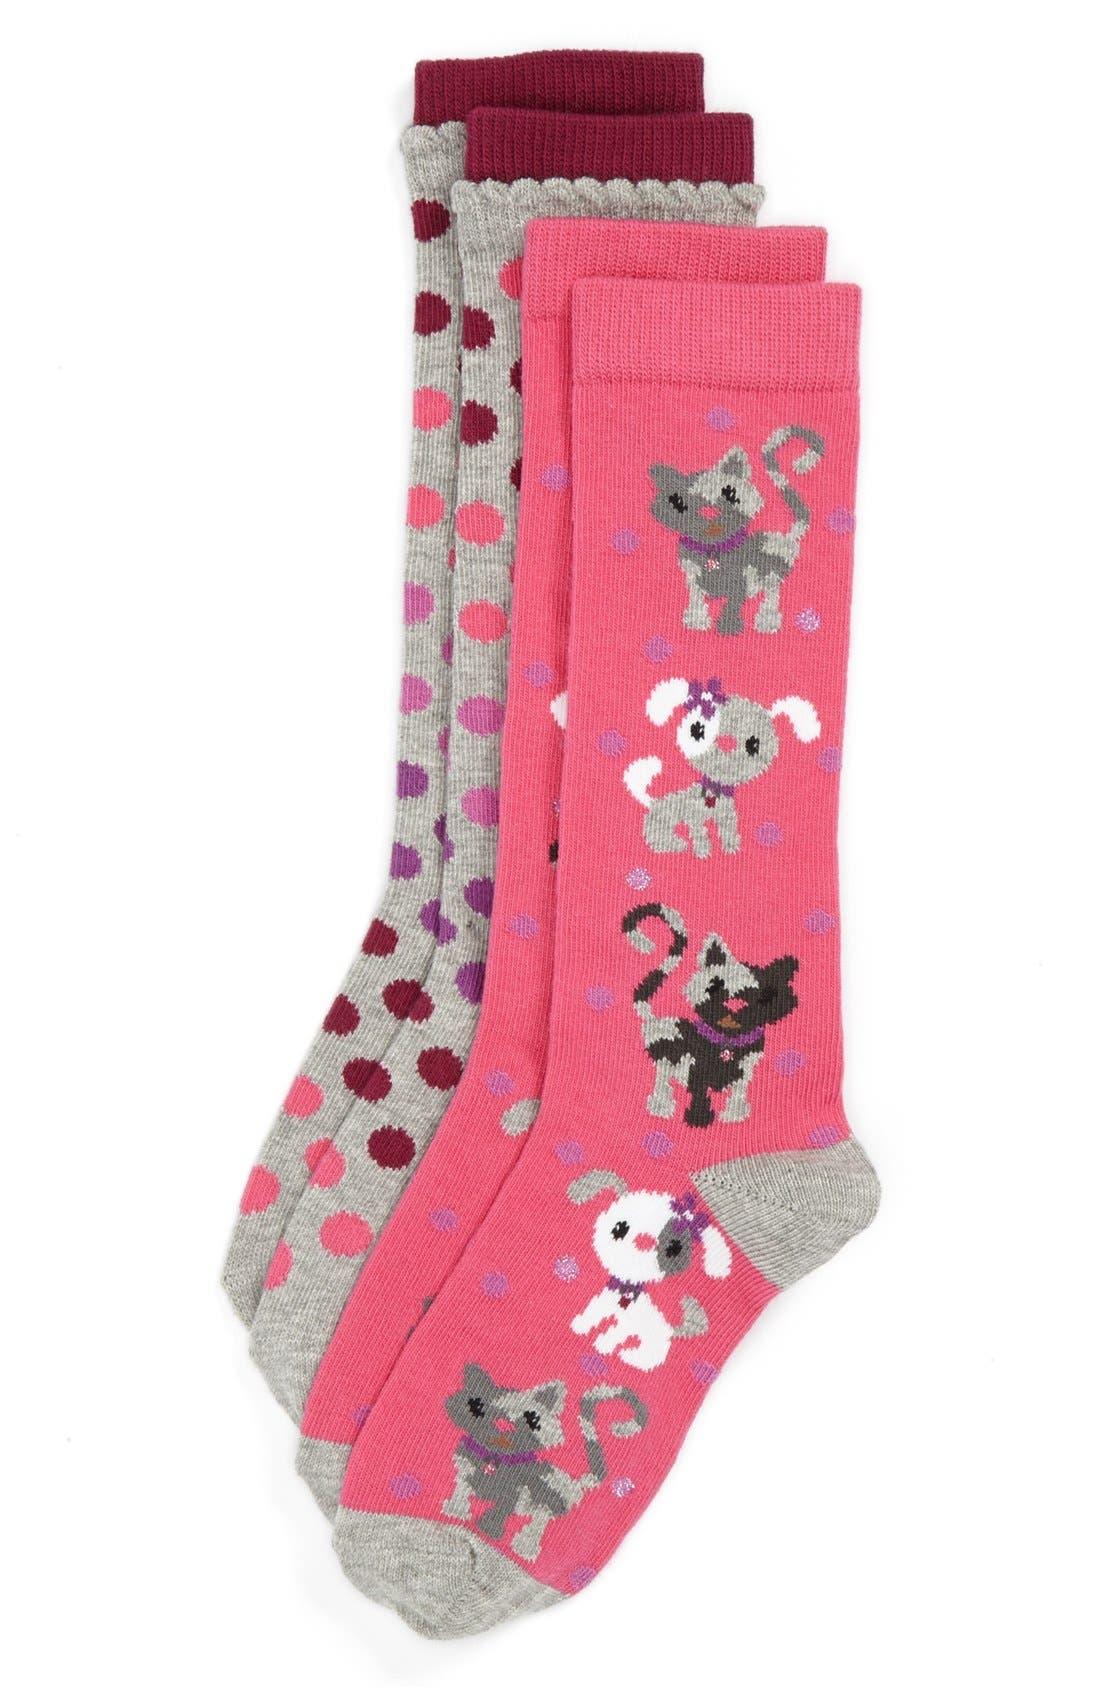 Main Image - Nordstrom 'Polka Pet' Knee High Socks (2-Pack) (Toddler Girls & Little Girls)